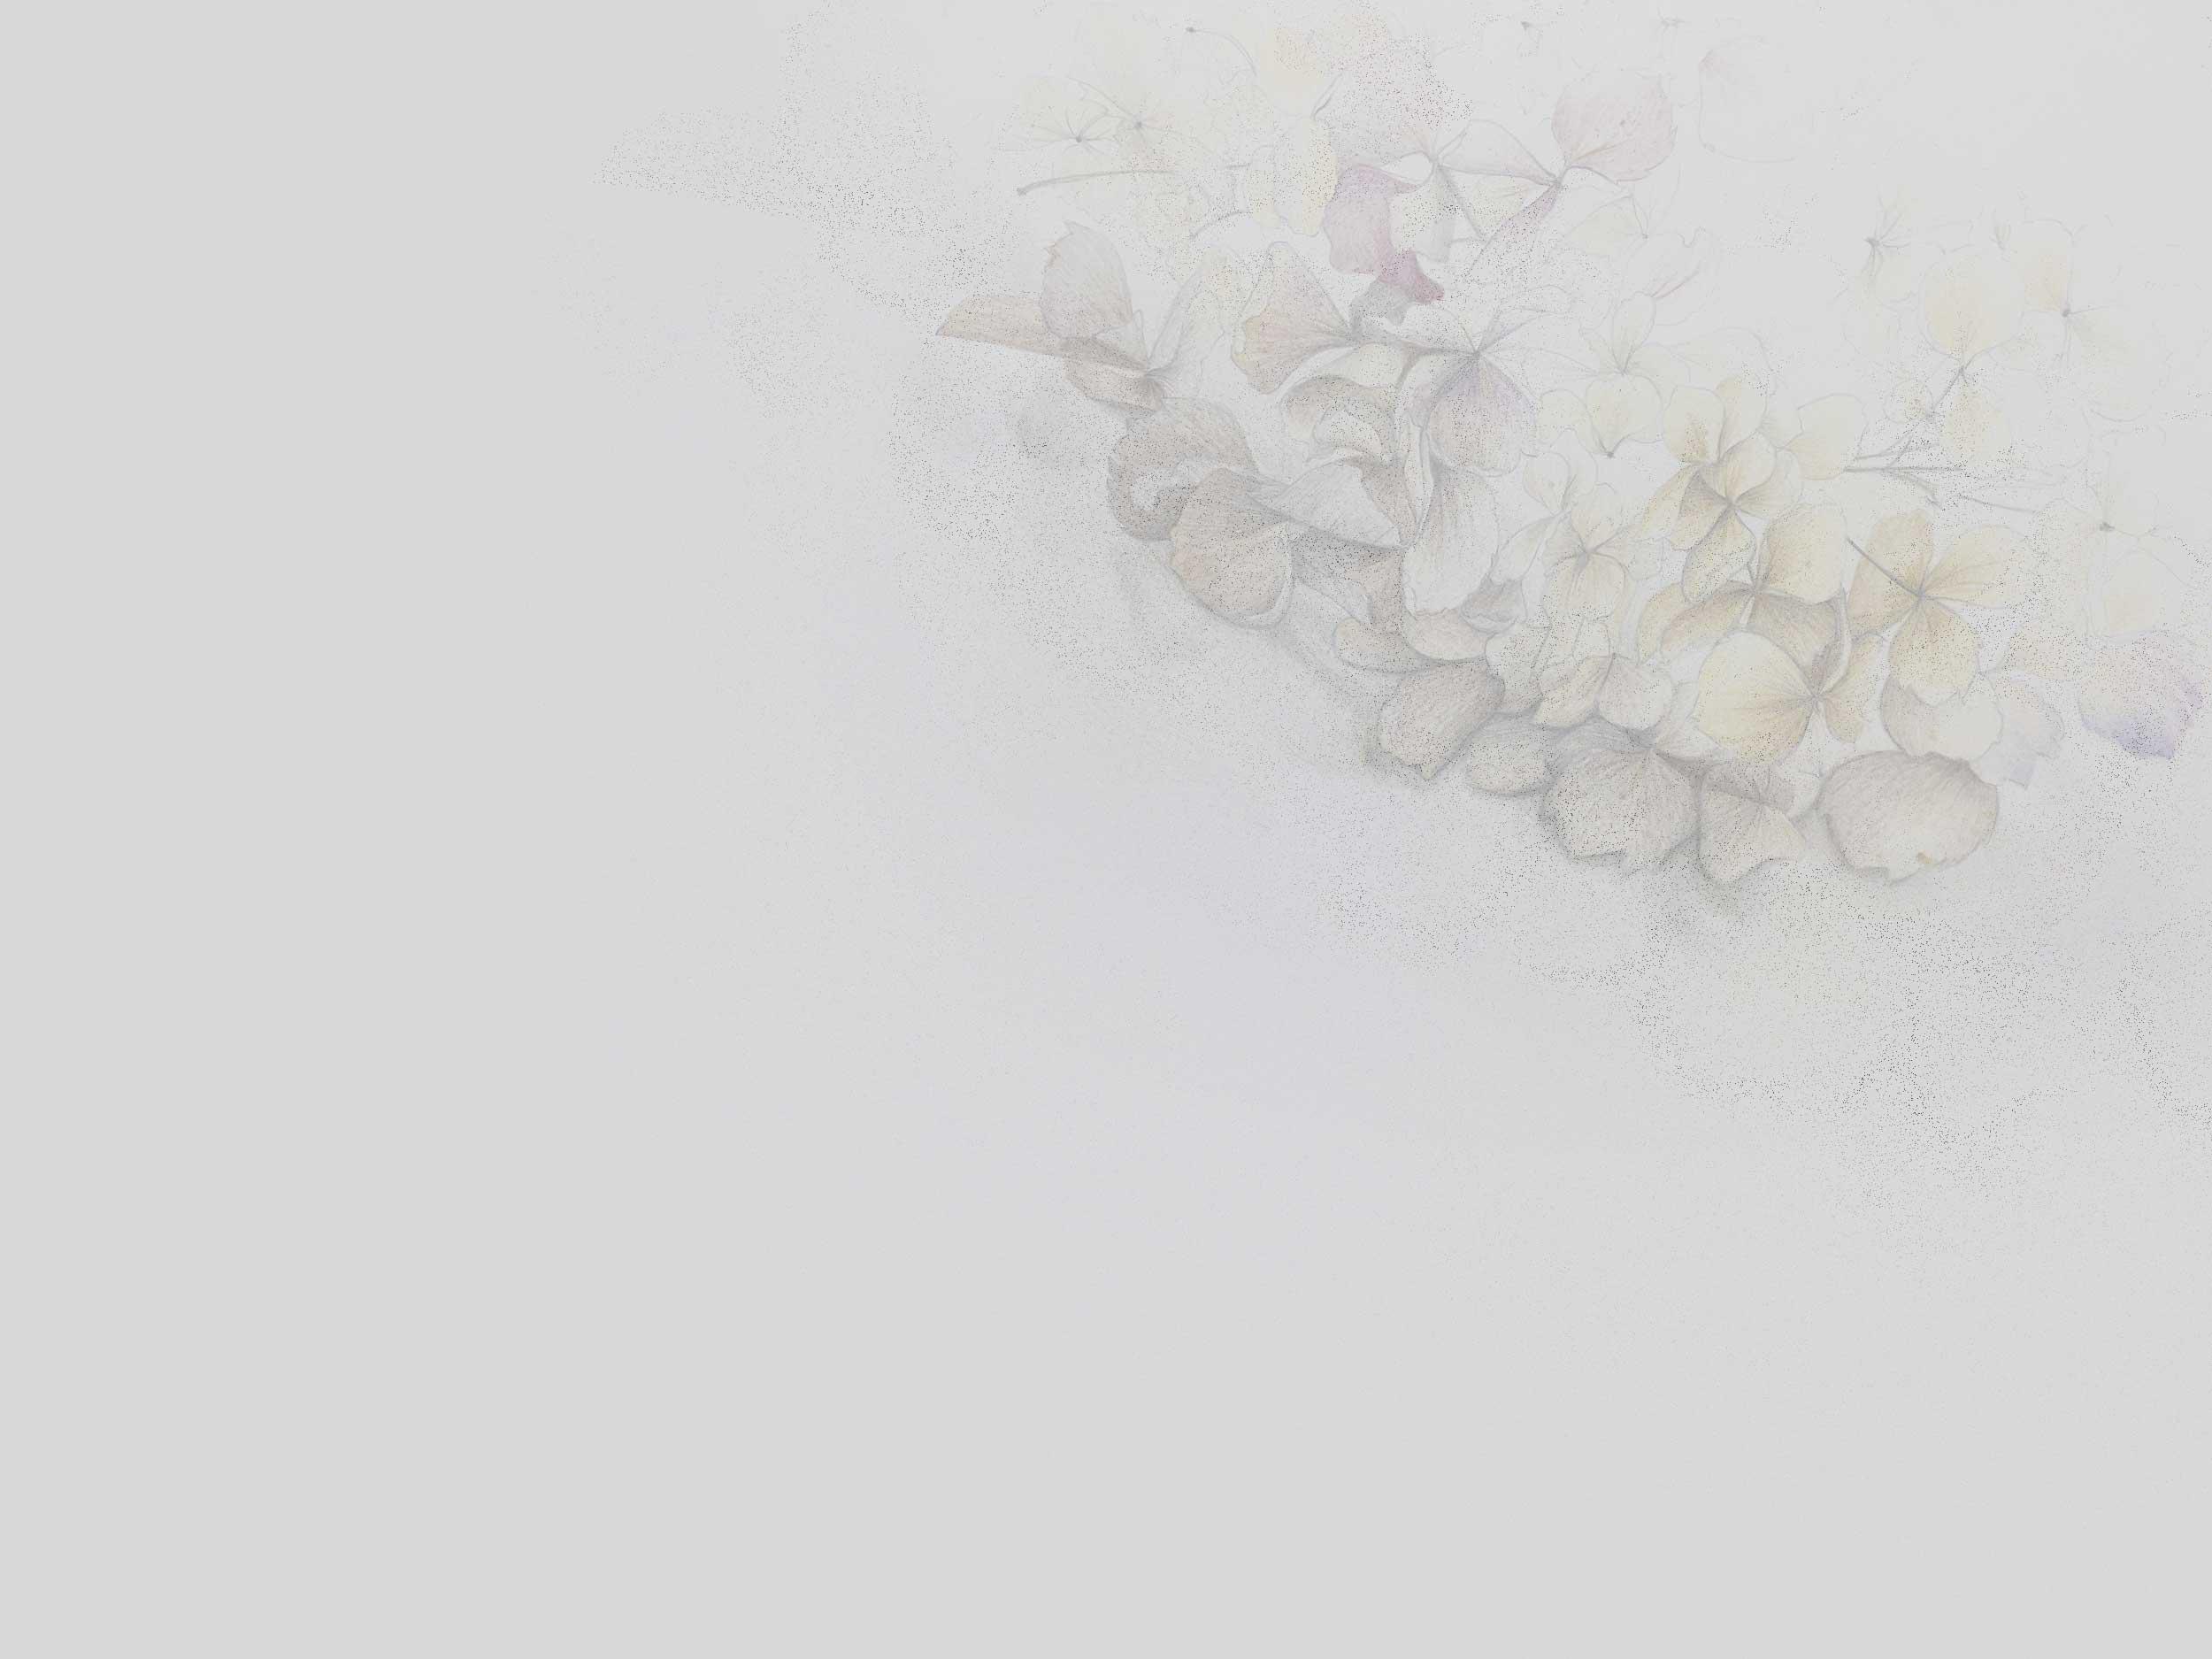 大阪 宝石・ジュエリー製造販売 ジュエリーリフォームも宝石修理もお任せ下さい!大阪